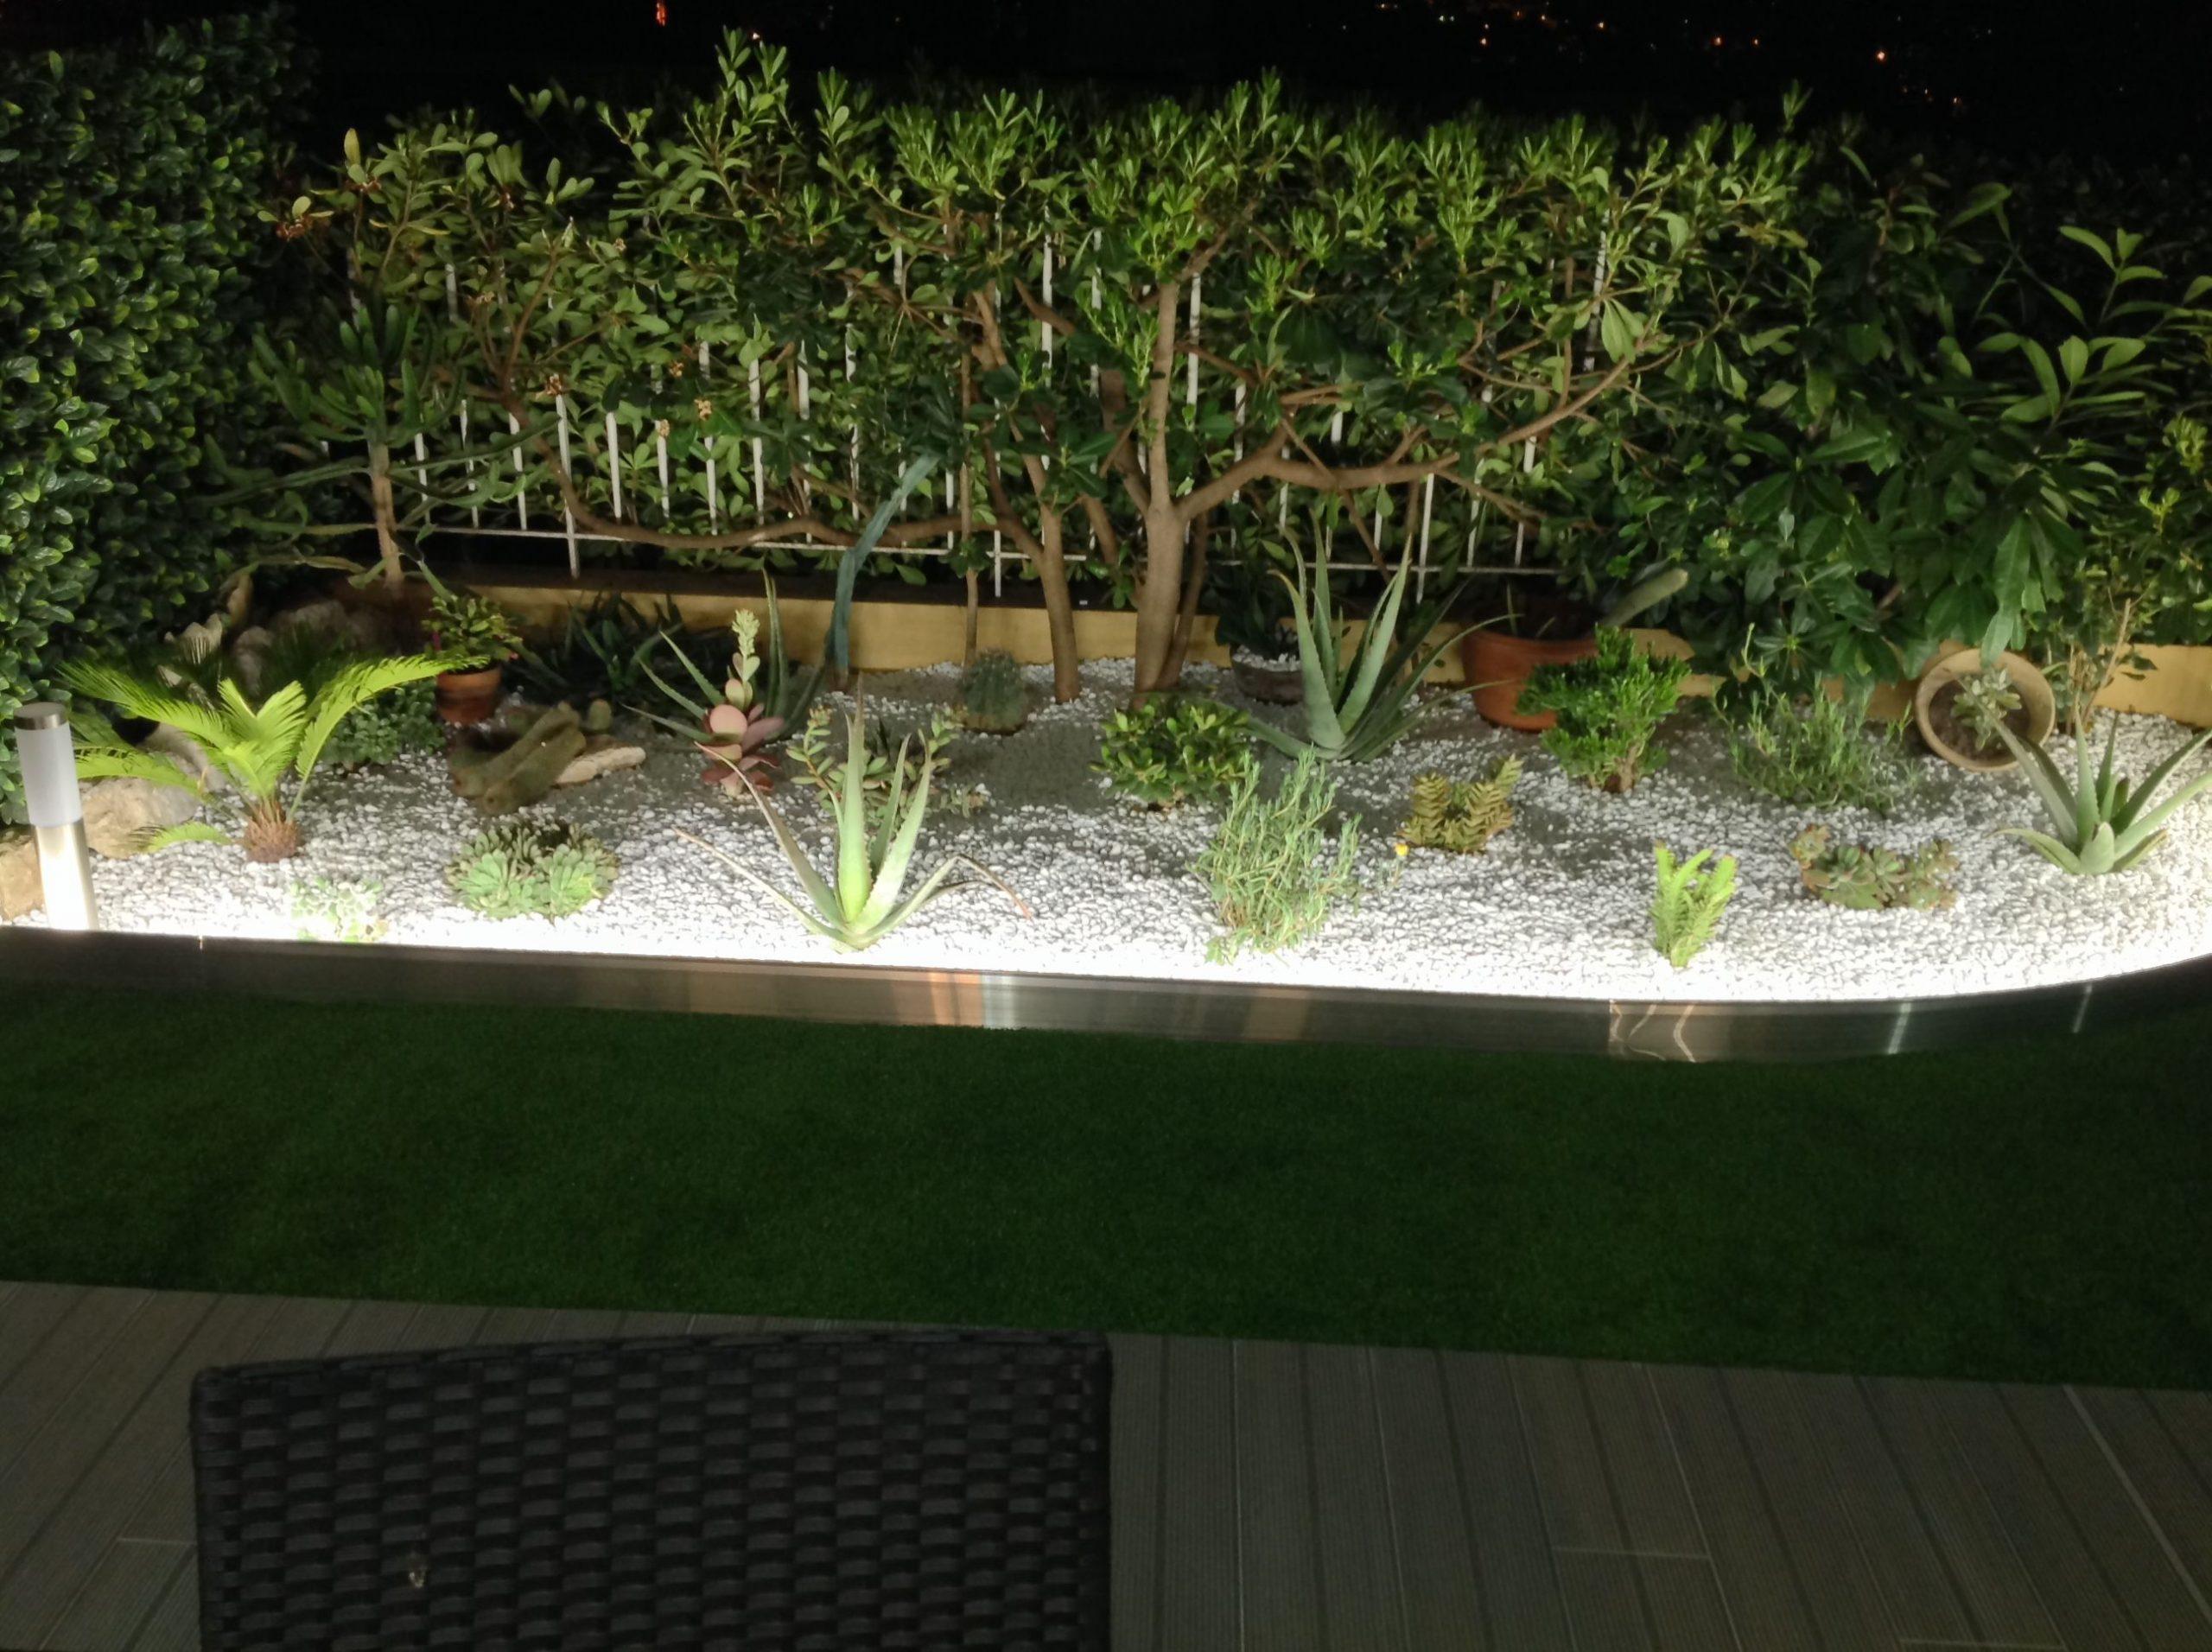 Bordure De Jardin En Aluminium Brut Avec Éclairage Led ... encequiconcerne Delimitation Jardin